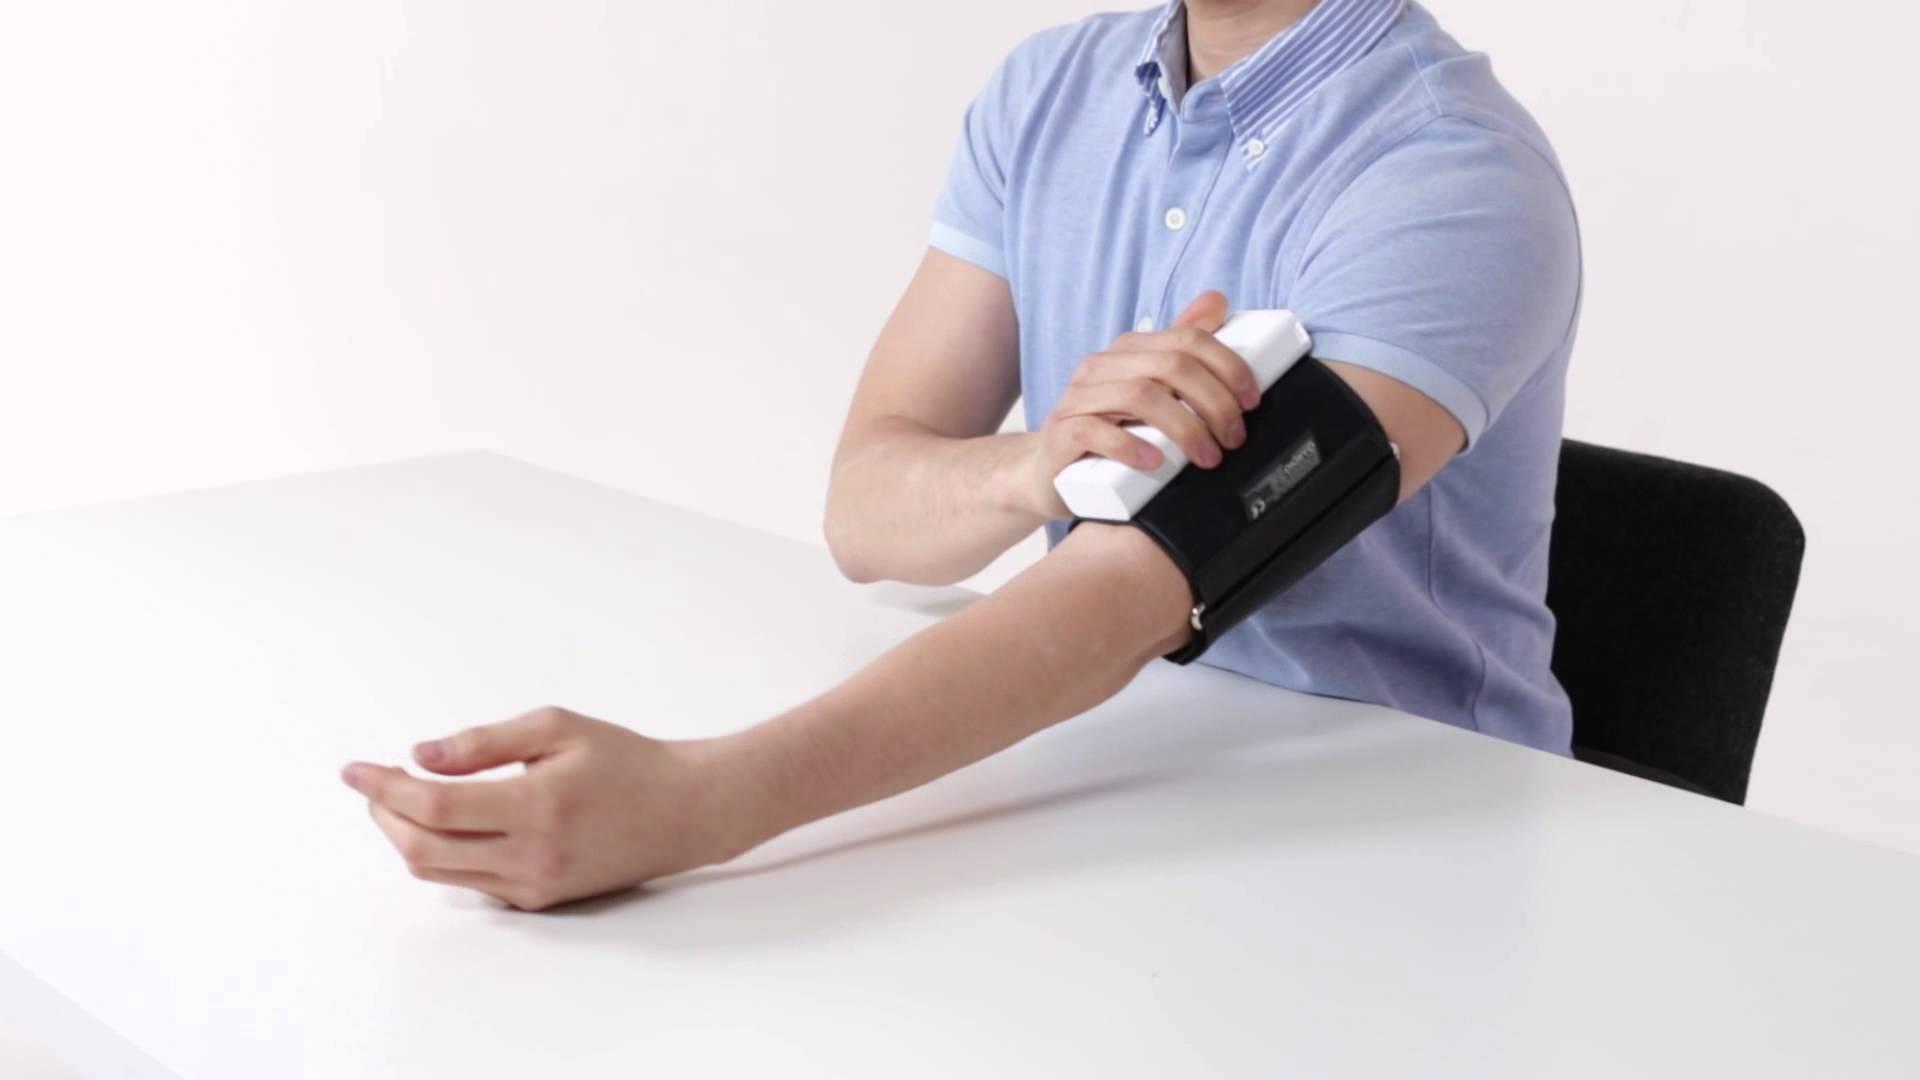 Fiziotenz 0,4 28 - Apparecchi di misura della pressione sanguigna parlando